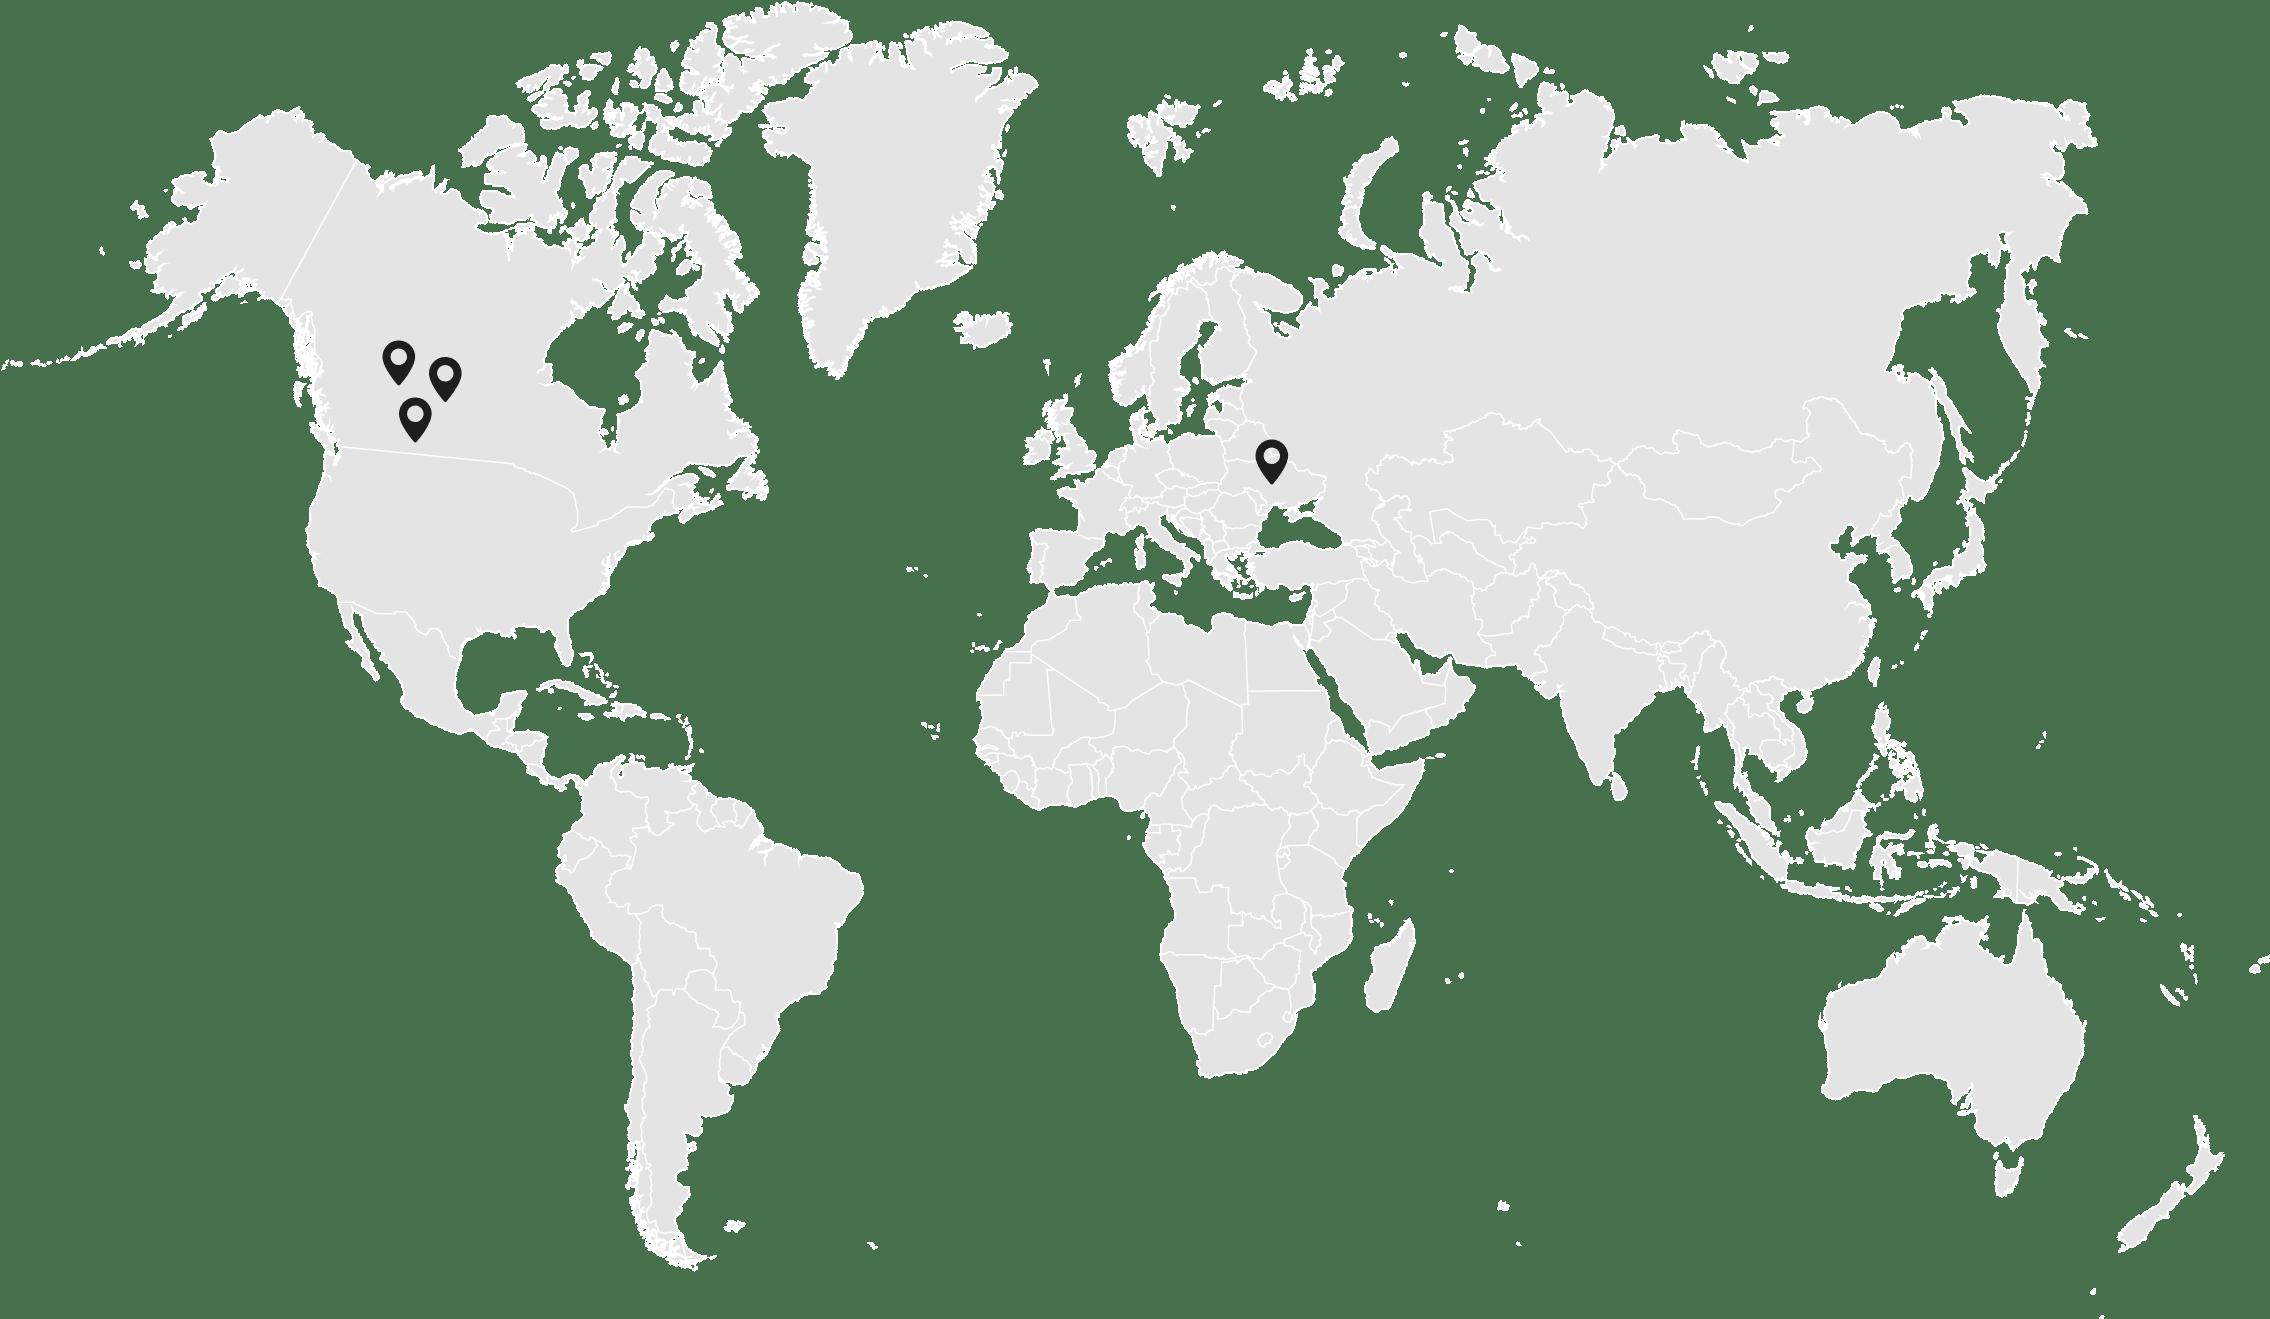 Grande Prairie, Edmonton, Calgary, Kyiv